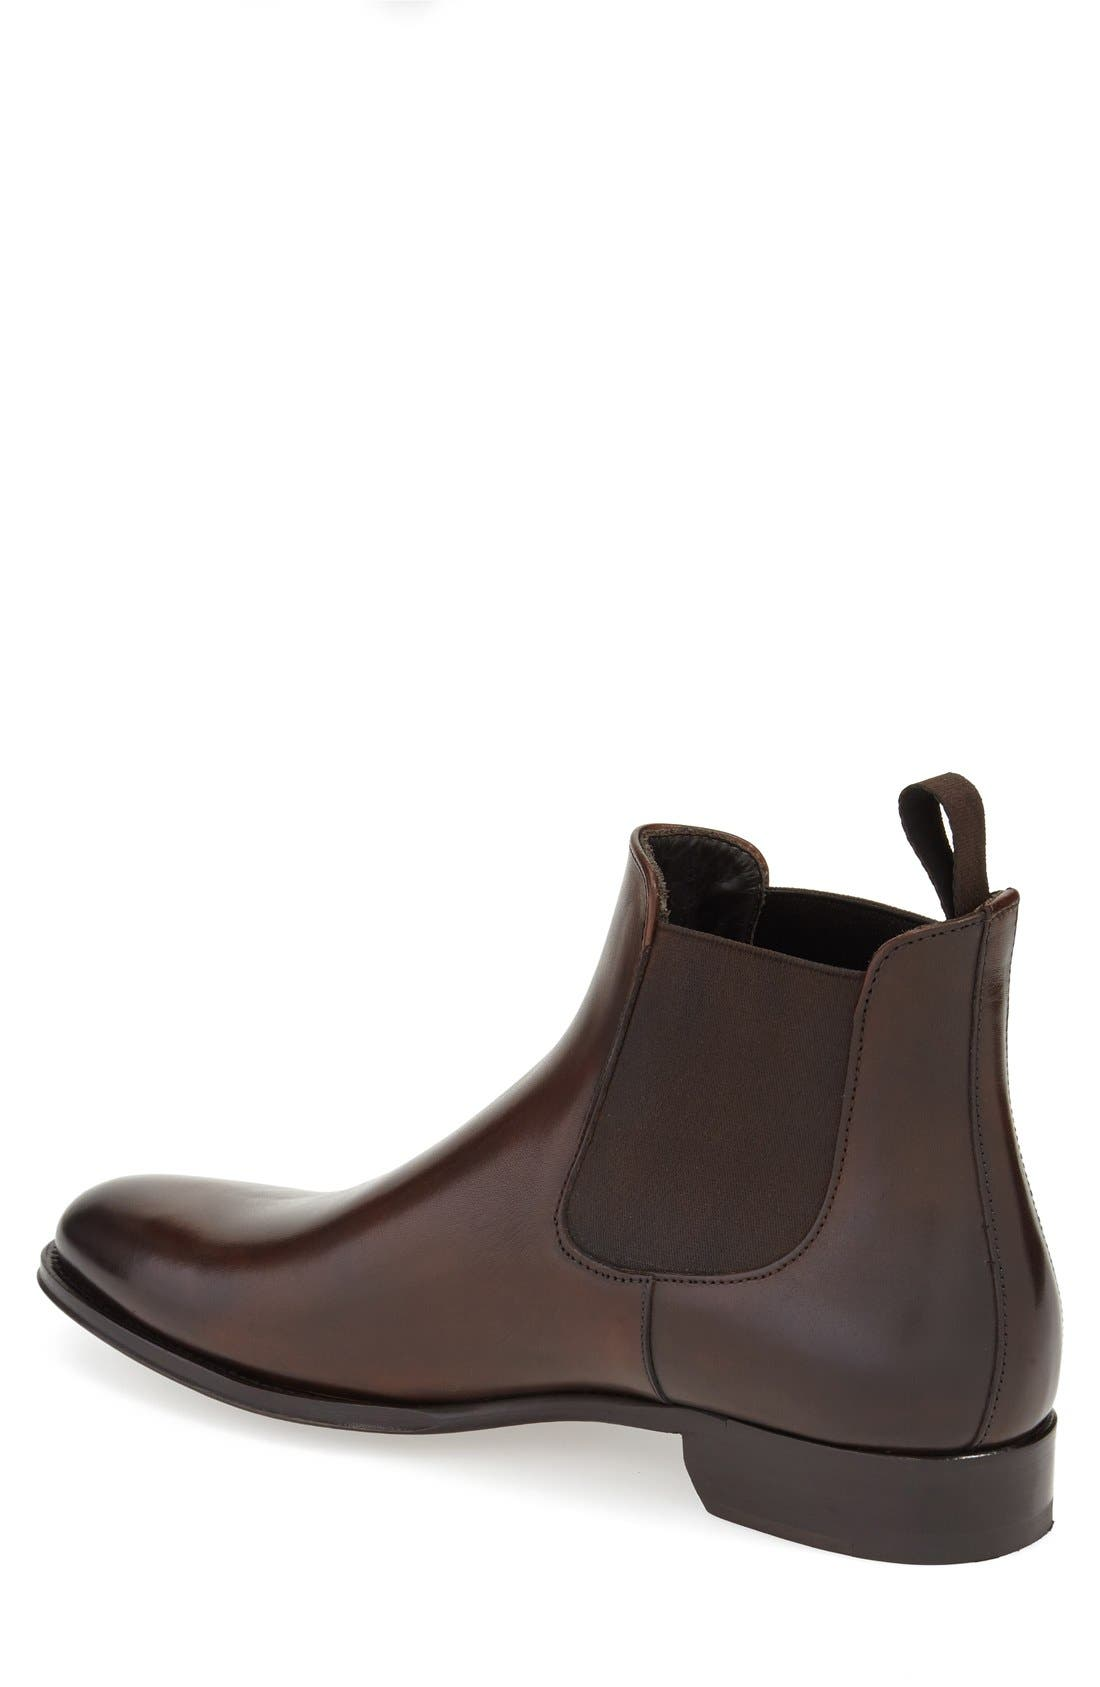 Alternate Image 2  - To Boot New York Toby Chelsea Boot (Men)